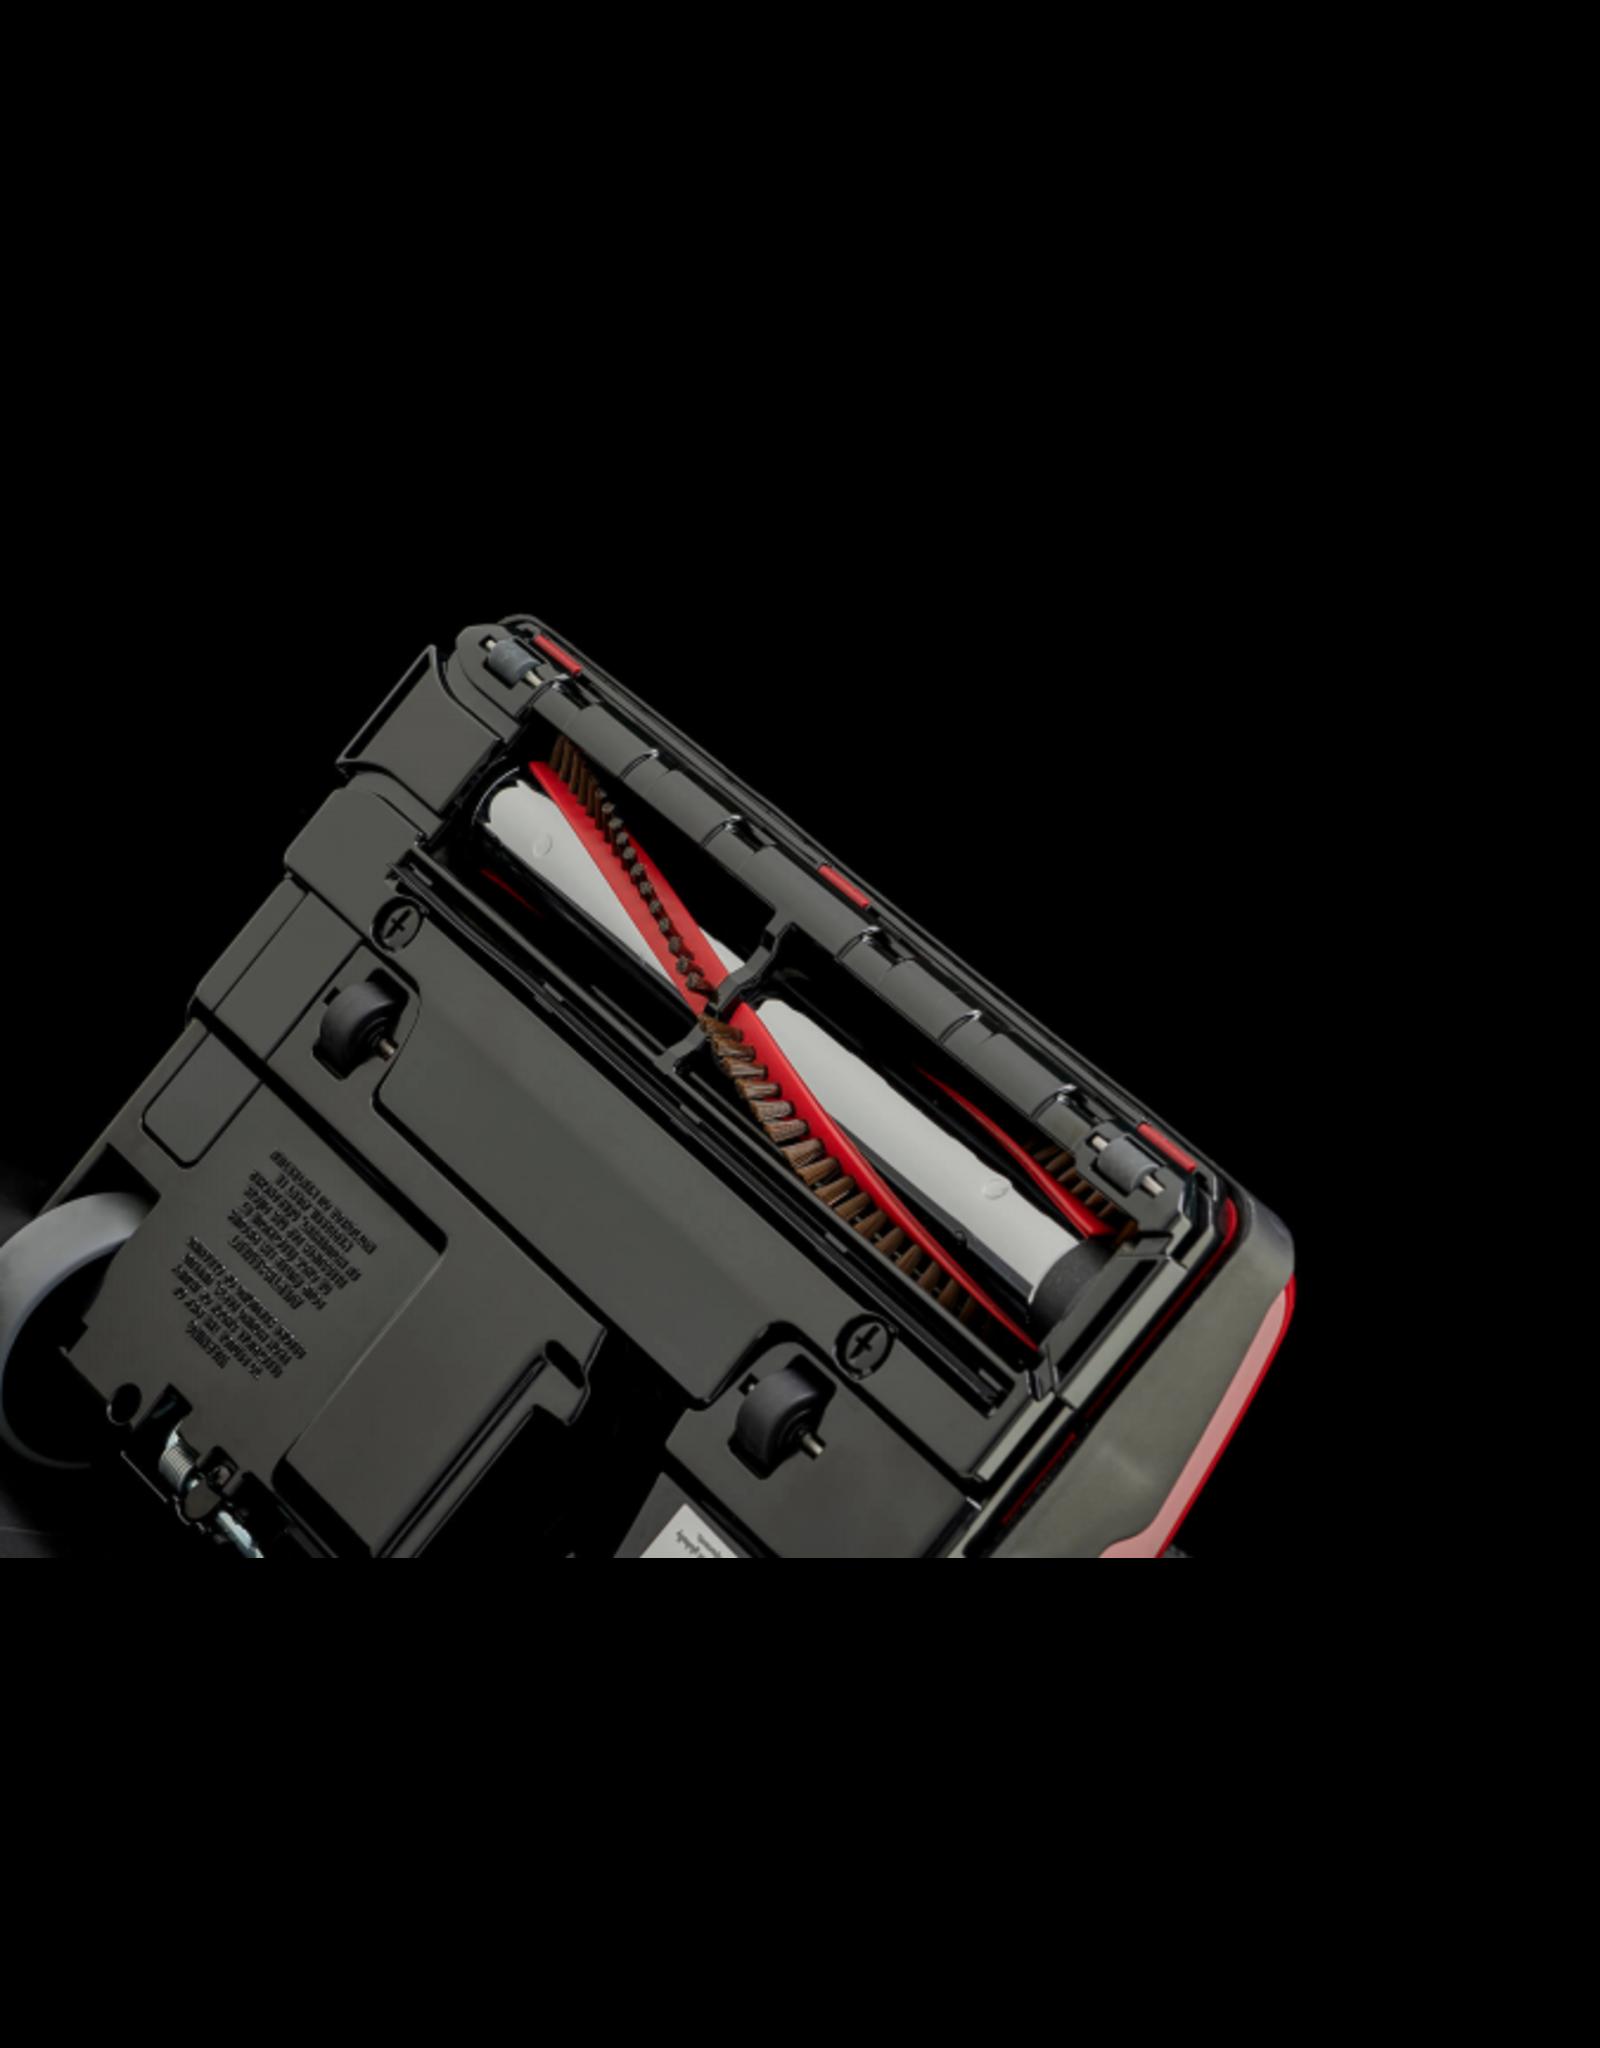 Riccar Riccar SupraLite Premium Lightweight Vacuum R10P